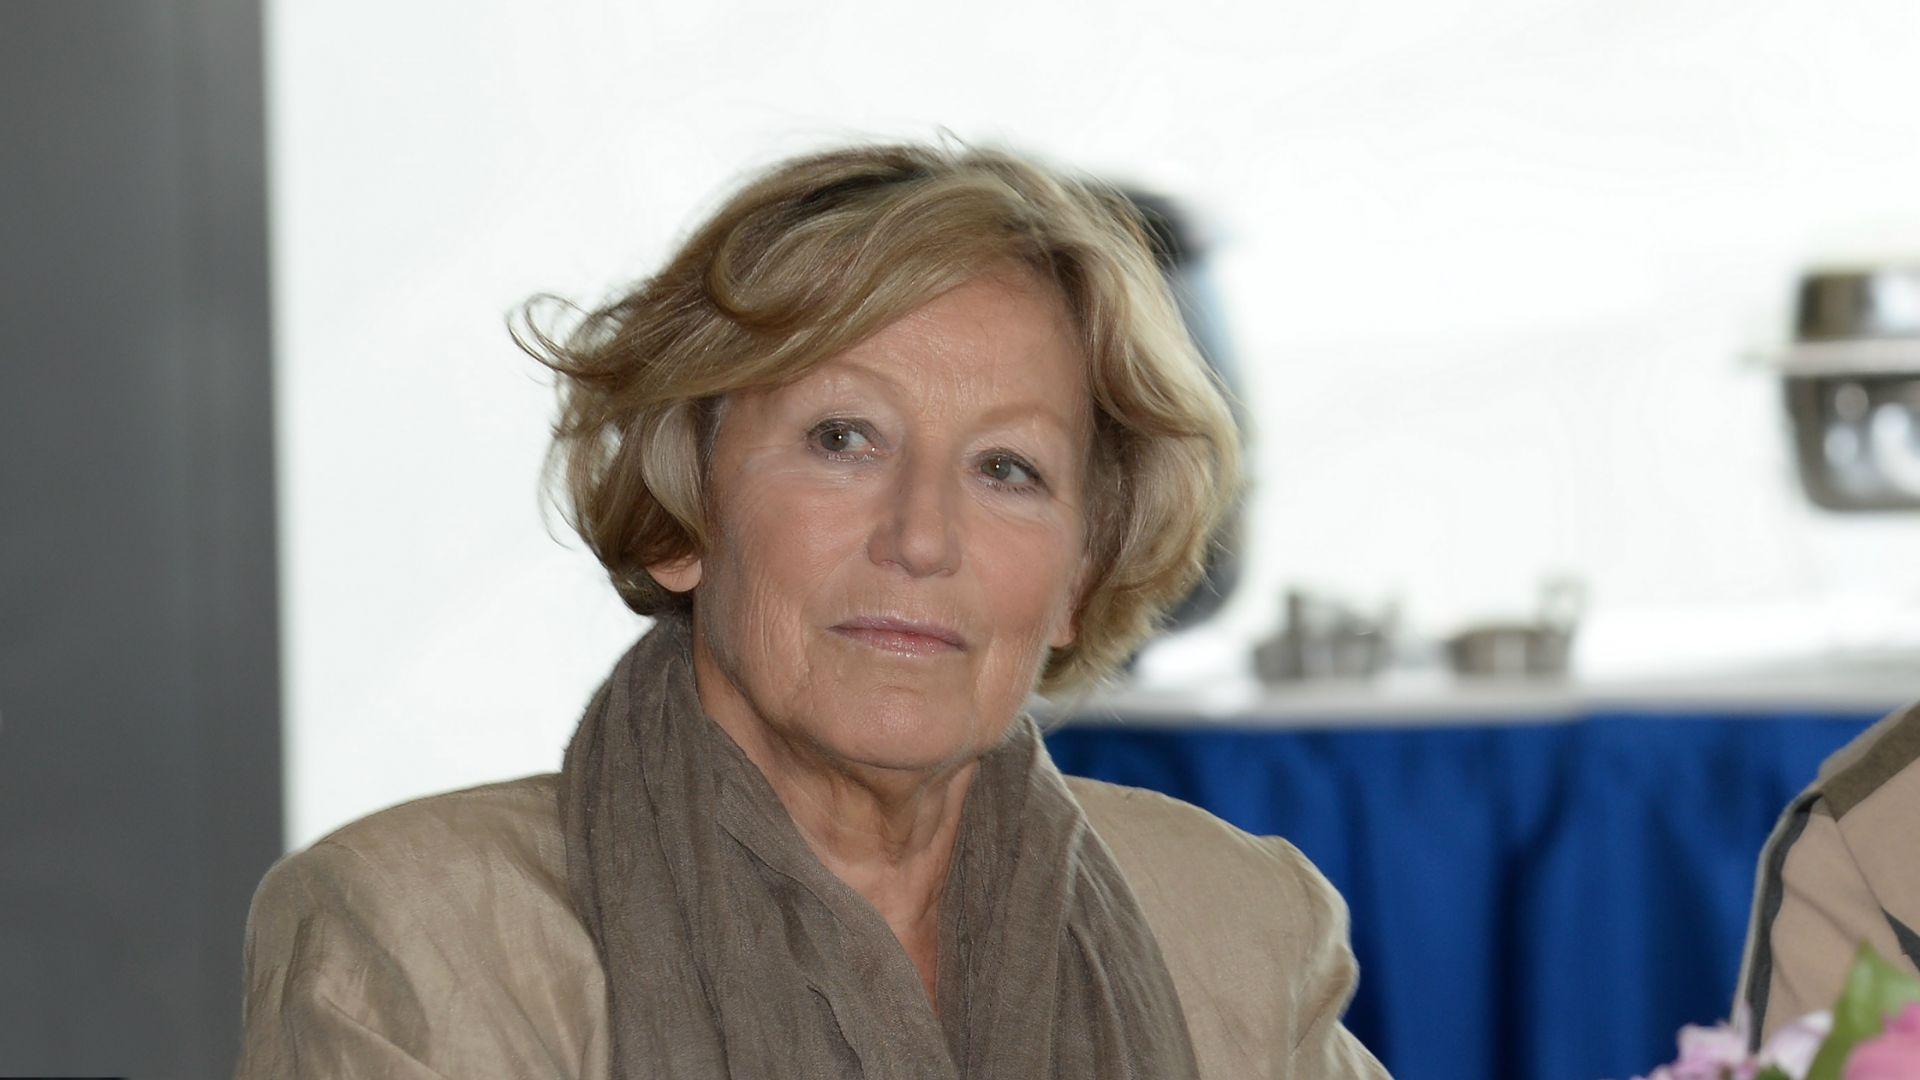 Teresa Budzisz Krzyżanowska: Teresa Budzisz-Krzyżanowska: Cud